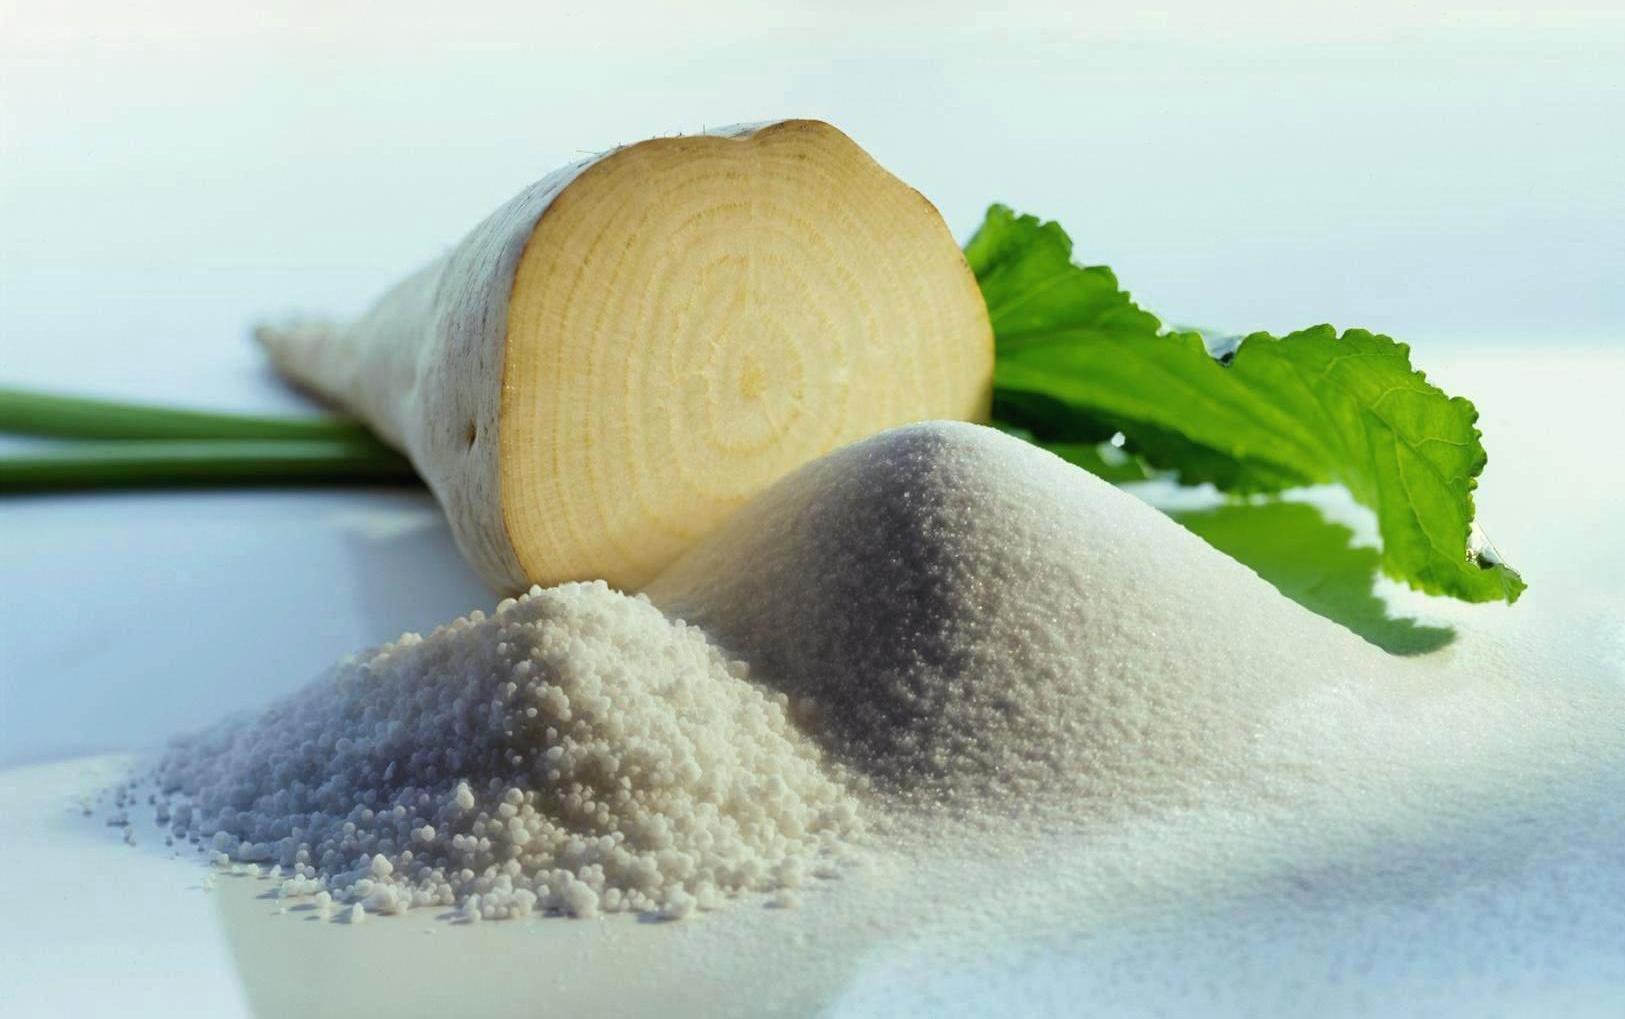 ОНФ начал борьбу с гниющими отходами сахарного завода